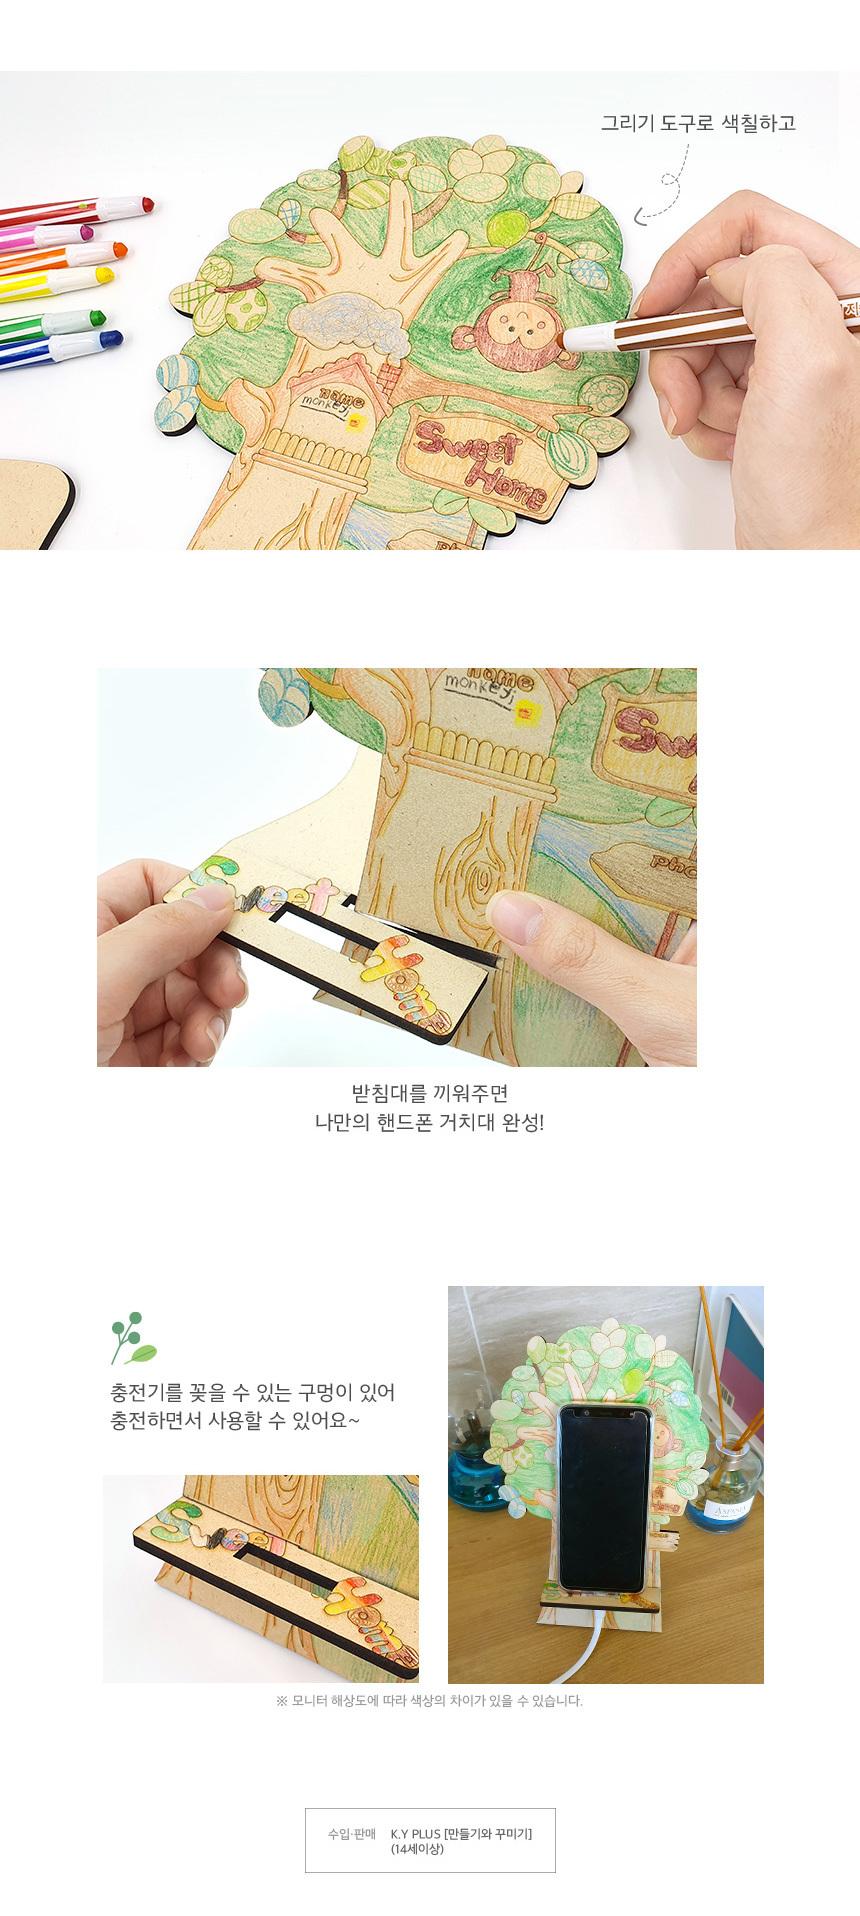 만꾸 스윗홈 핸드폰 나무 거치대 - 만꾸(만들기와 꾸미기), 2,500원, 우드공예, 우드공예 재료